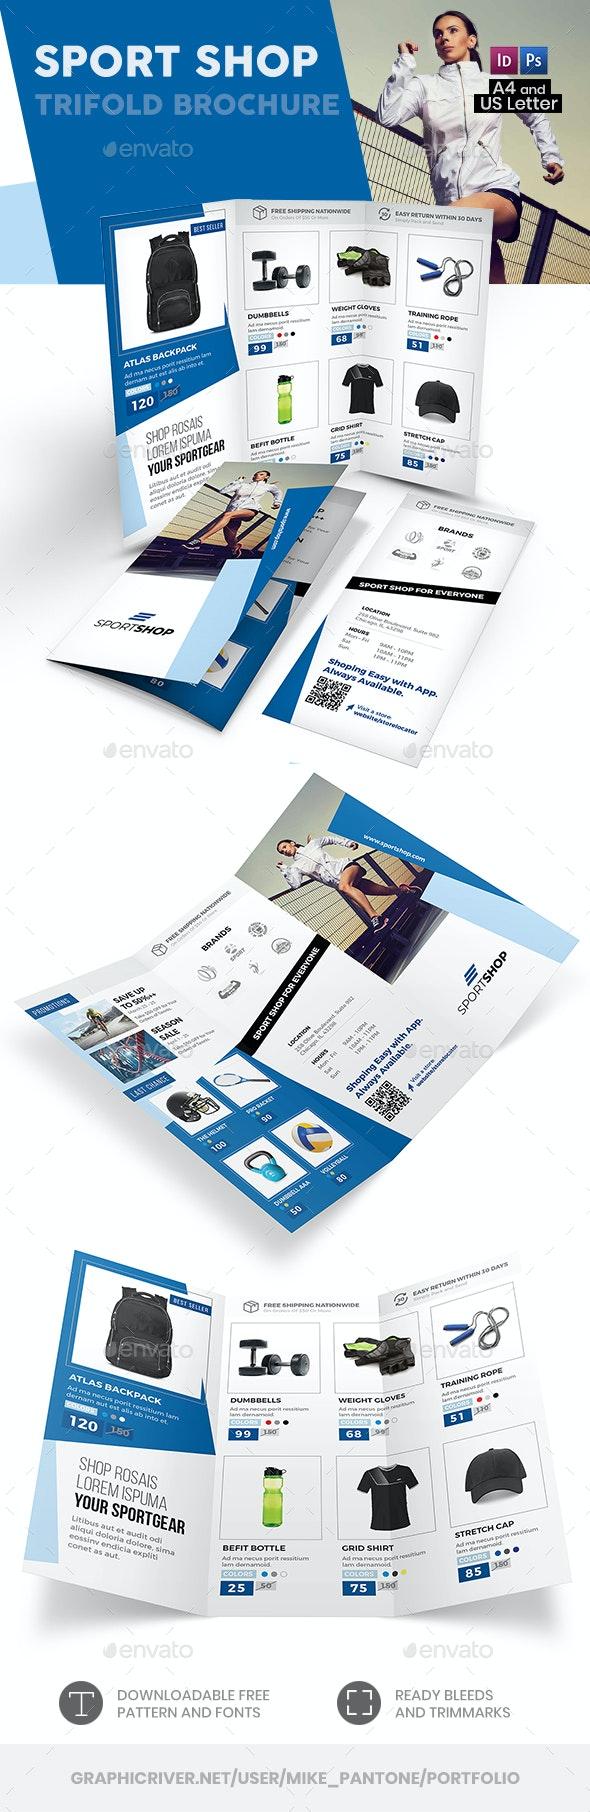 Sport Shop Trifold Brochure 2 - Informational Brochures